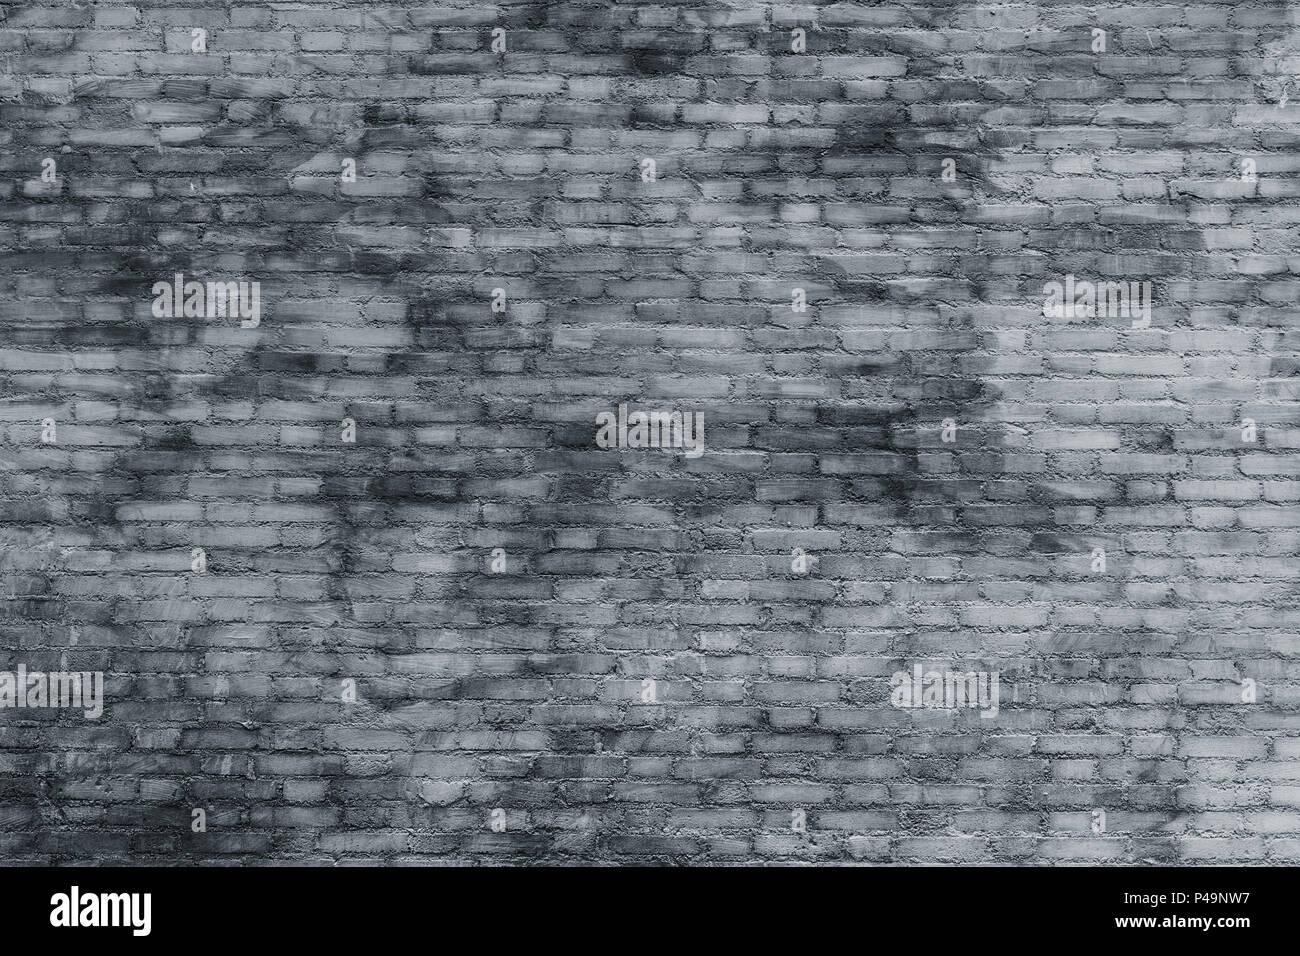 Ancien Bloc Brique Mur Arriere Plan Grunge Texture Papier Peint